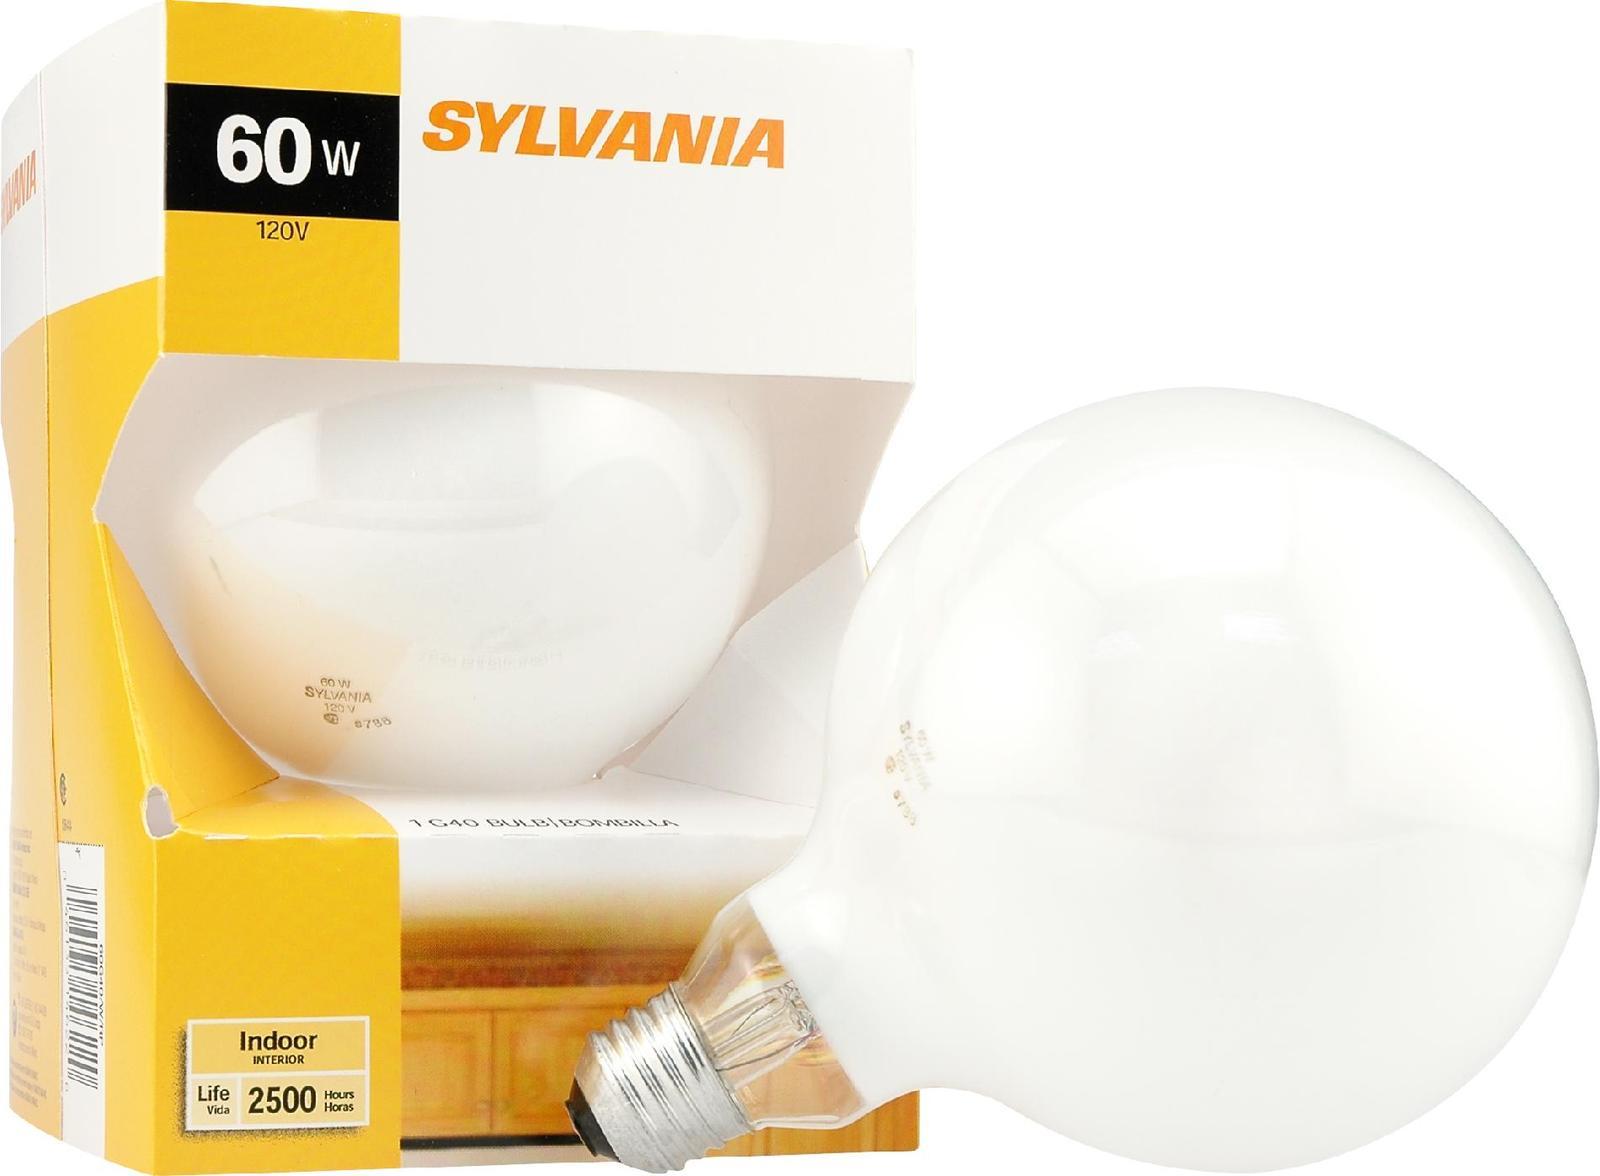 SYLVANIA Soft White Globe, 60 Watt - $15.22